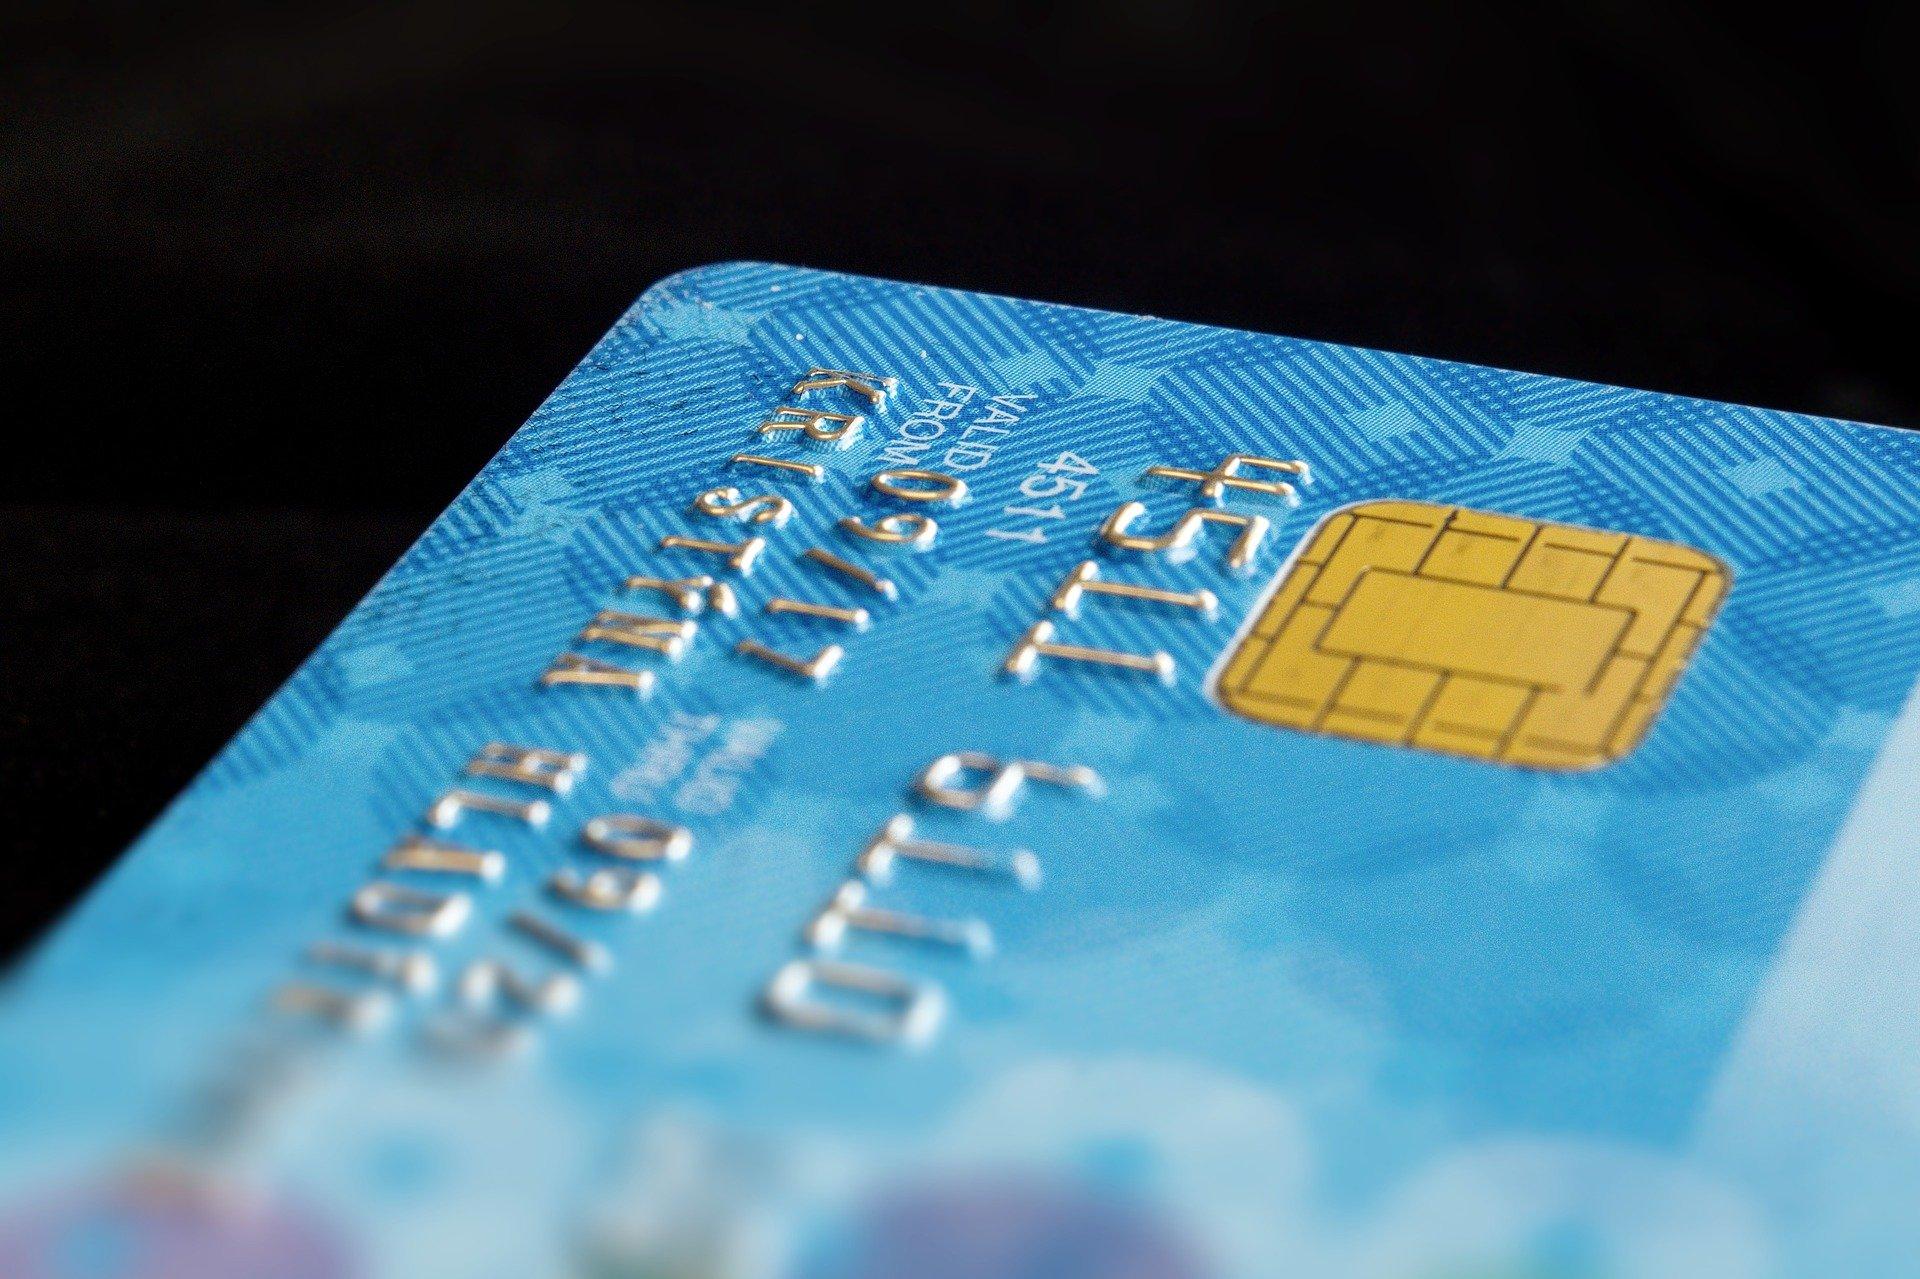 tarjeta credito debito